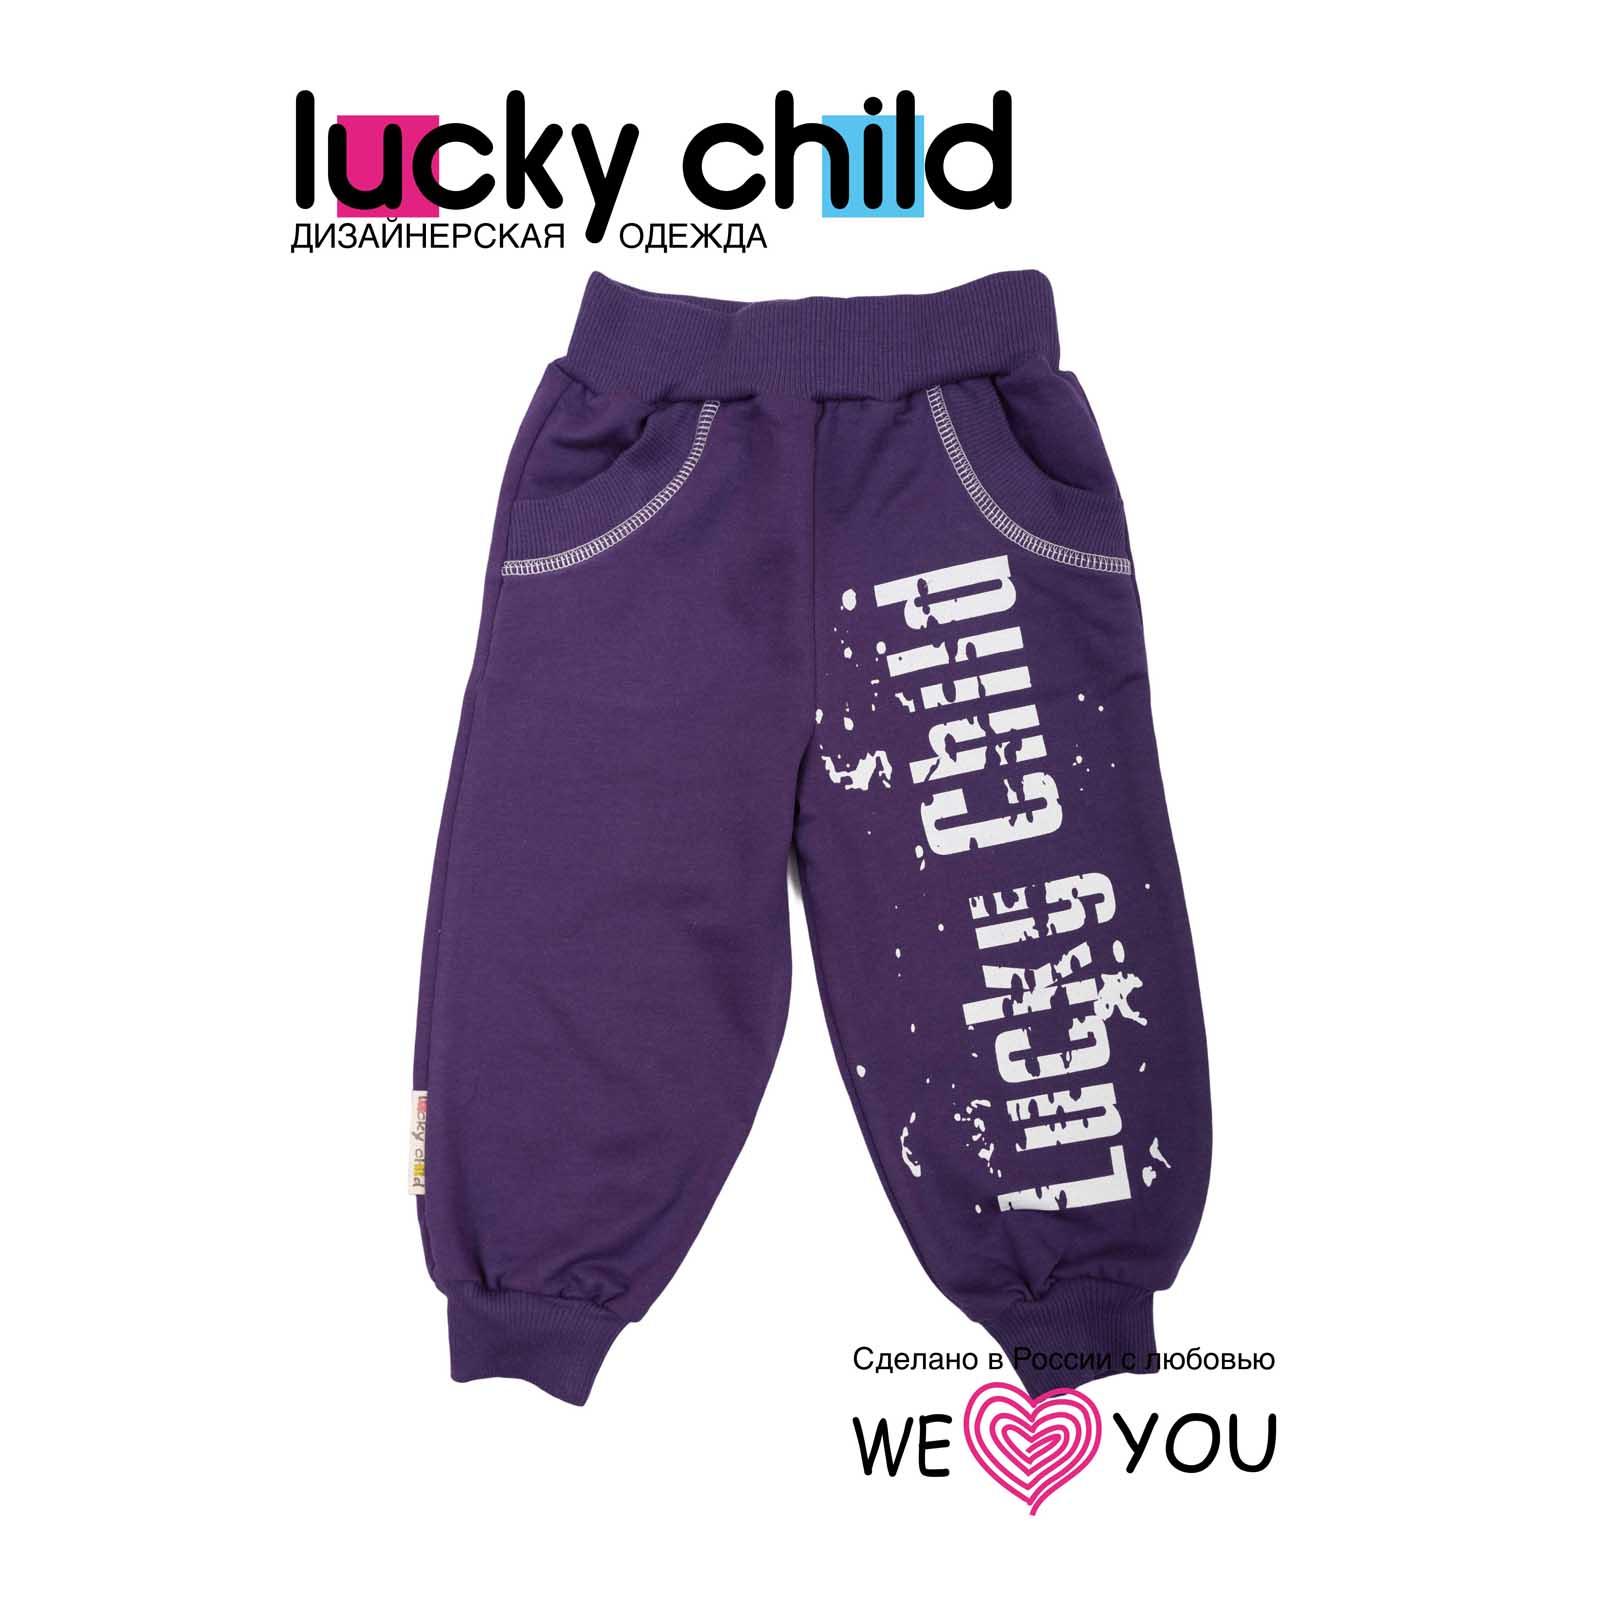 Штанишки Lucky Child утепленные, цвет фиолетовый размер 74<br>